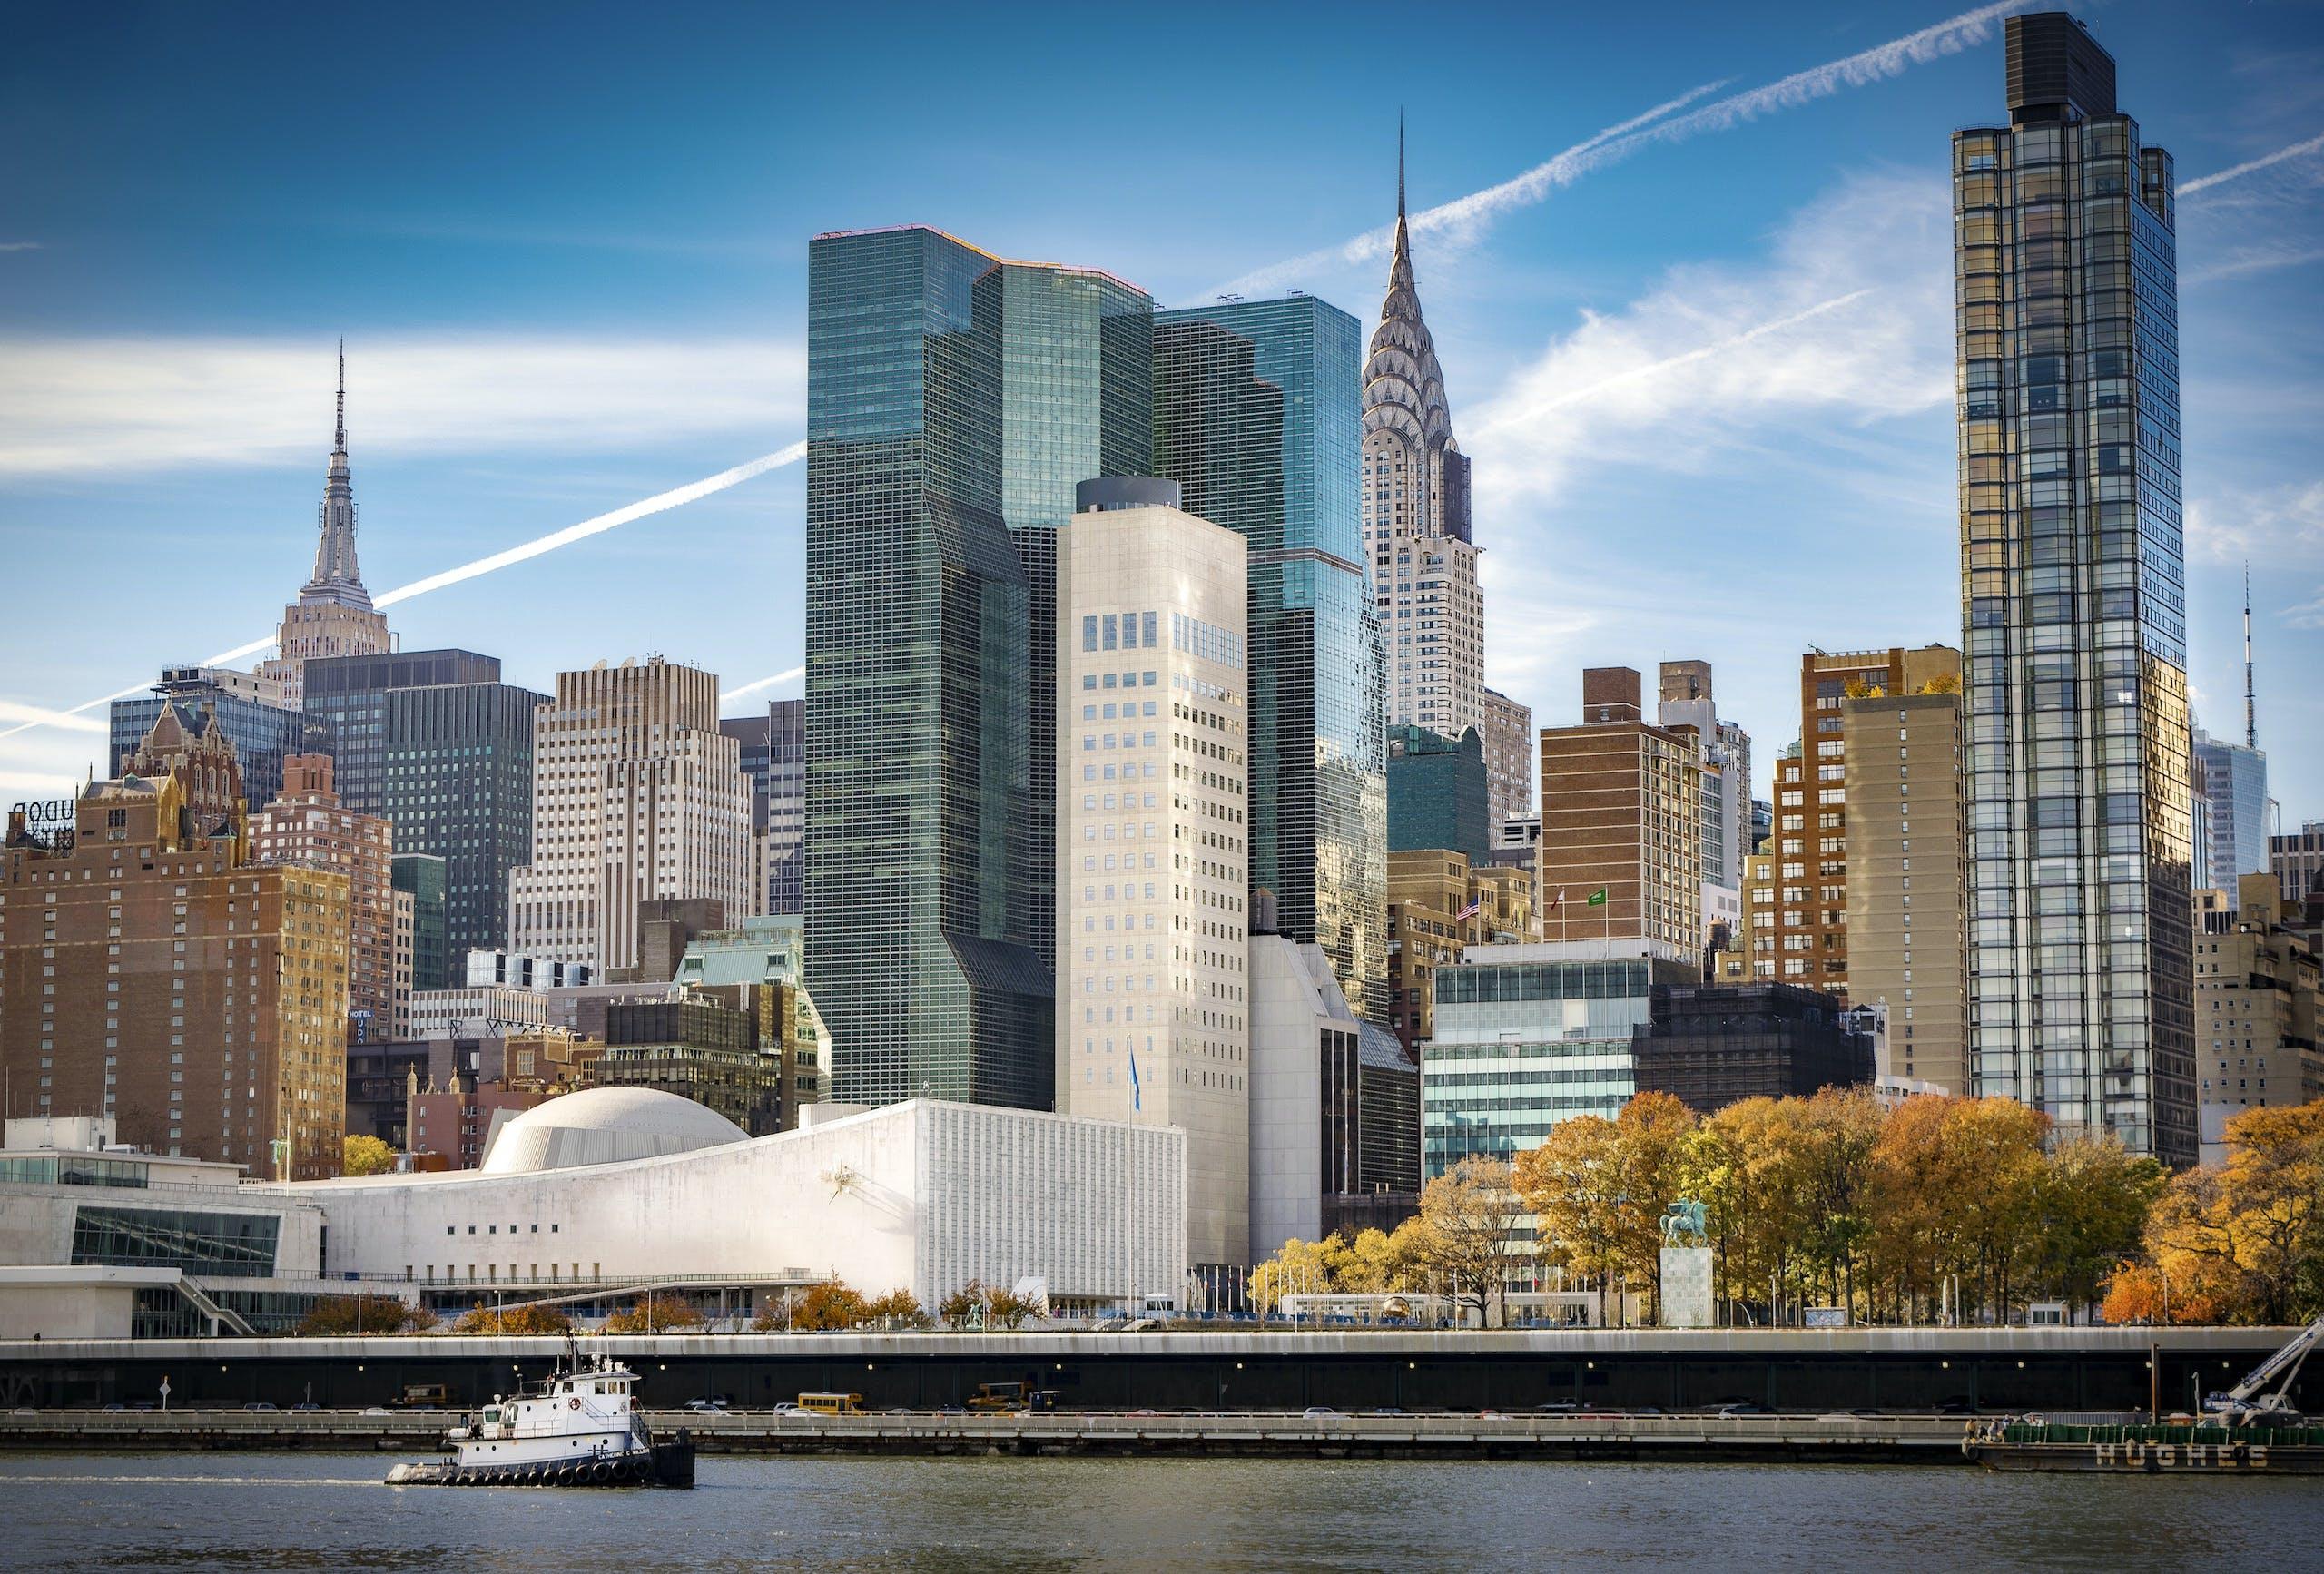 イーストサイドマンハッタン, イーストリバー, エンパイアステートビル, クライスラービルの無料の写真素材